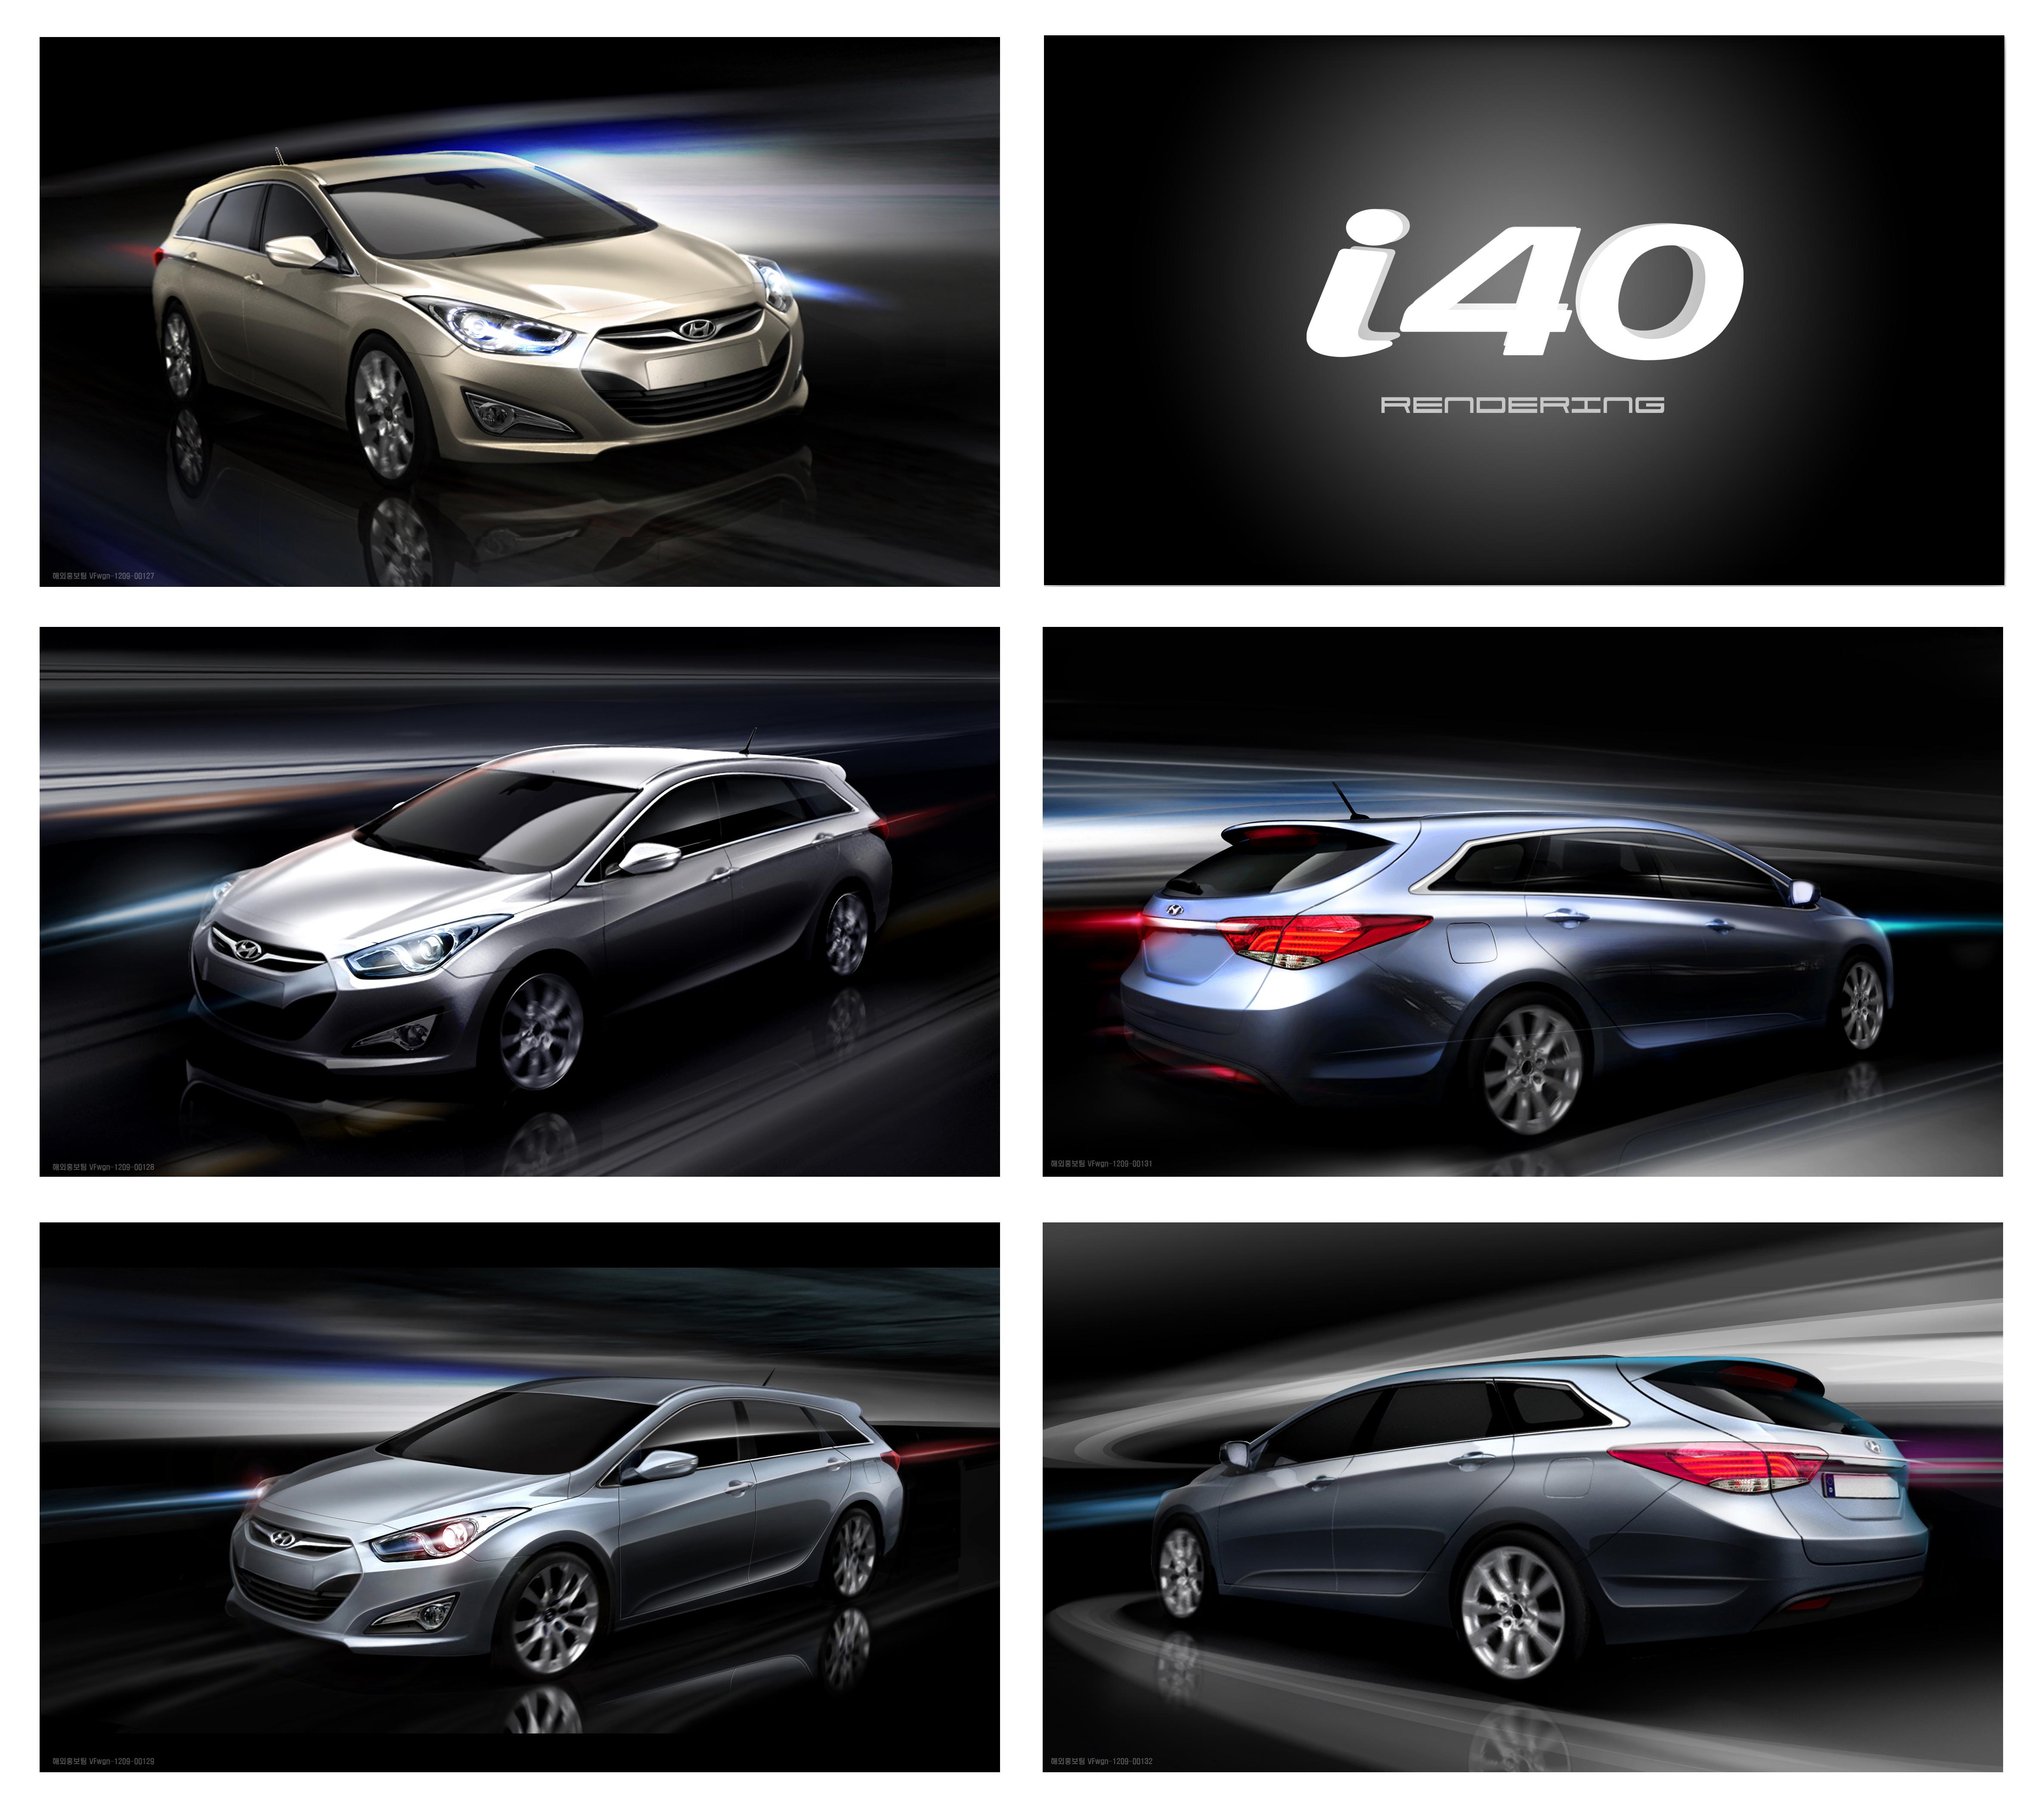 101220 I40 Rendering Hyundai Motor Company